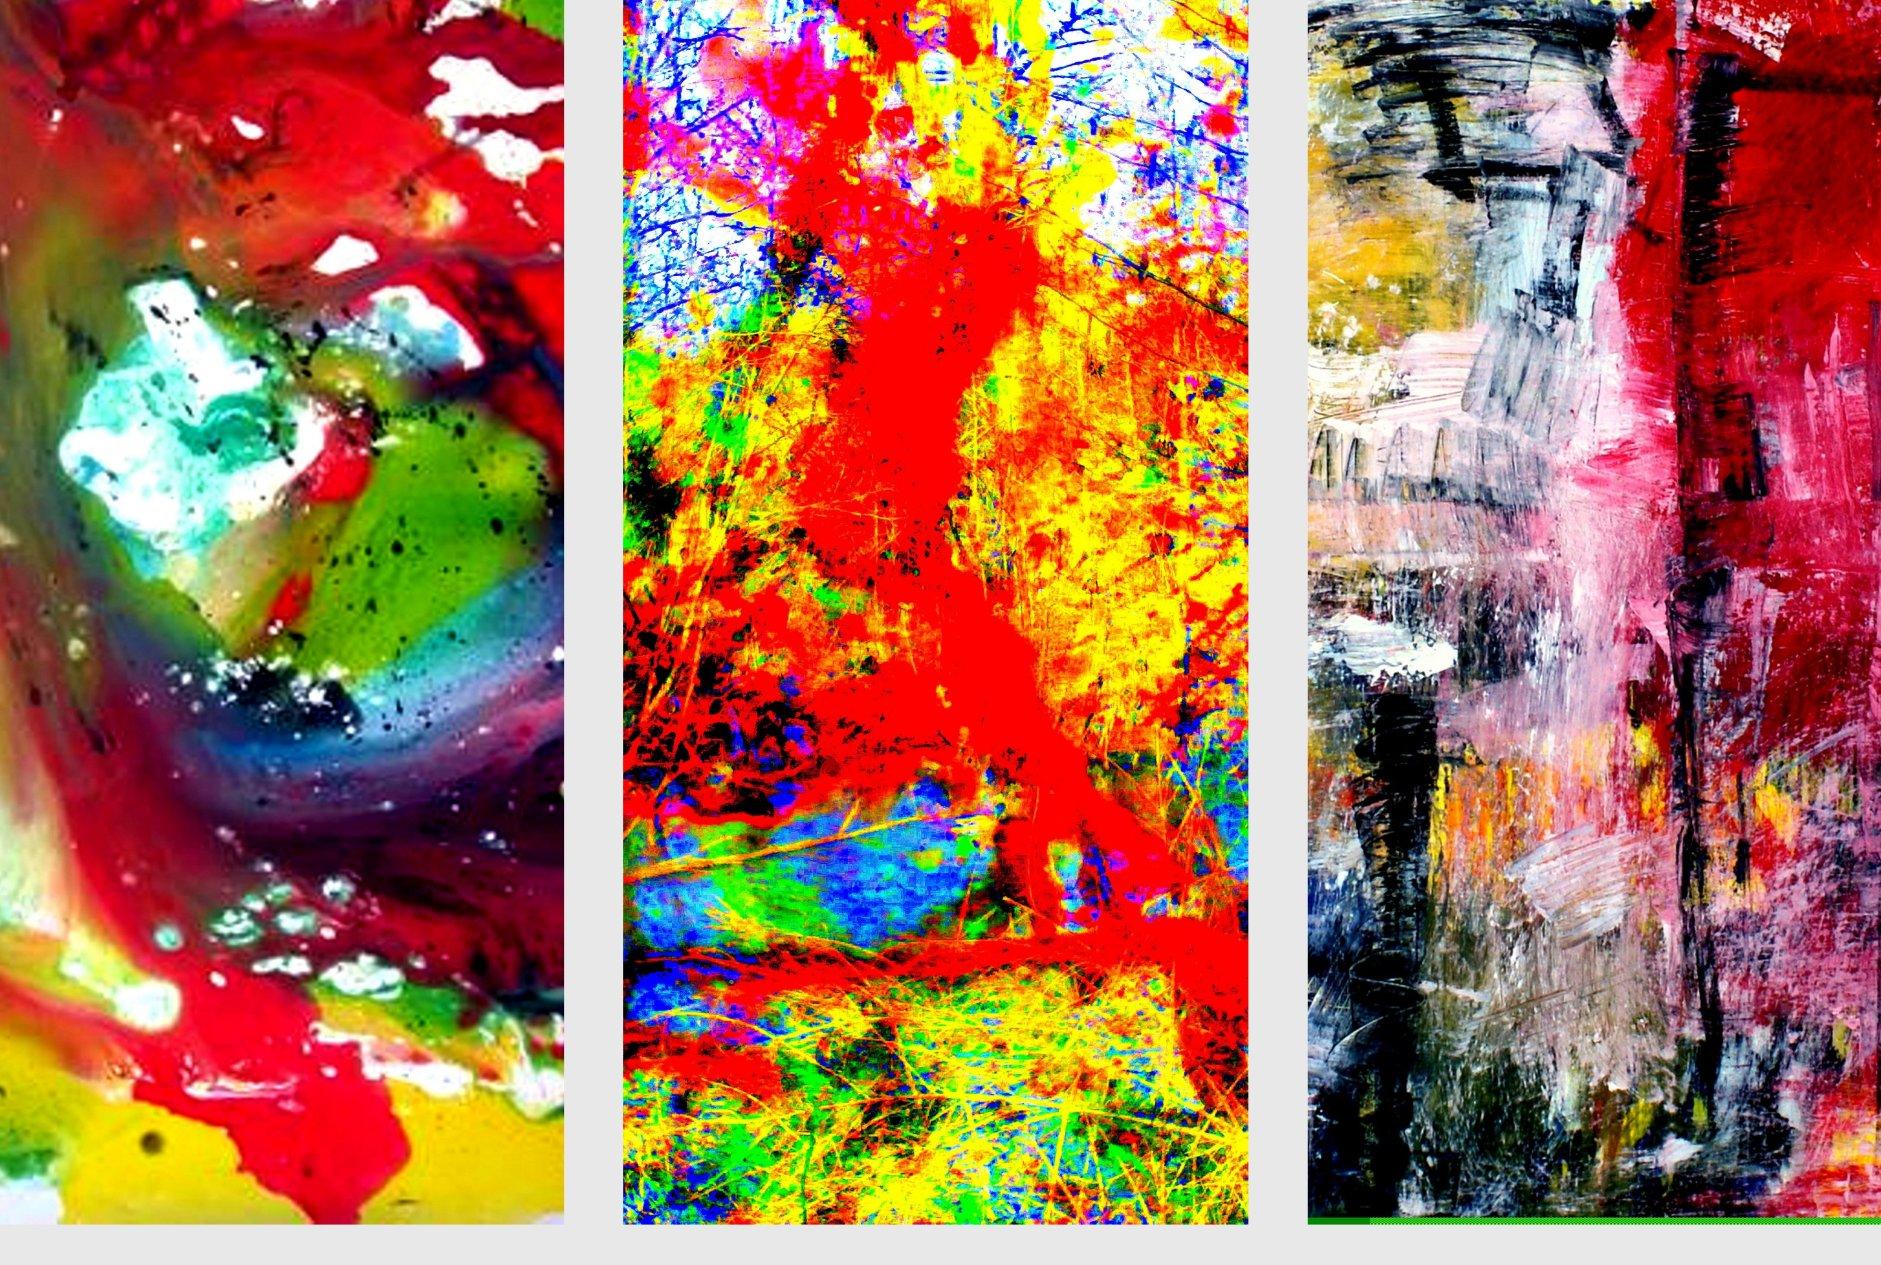 Moderne abstrakte kunst acryl malerei kaufen im onlineshop von lee eggstein lee eggstein architektur malerei fotografie bildergrößen von mini